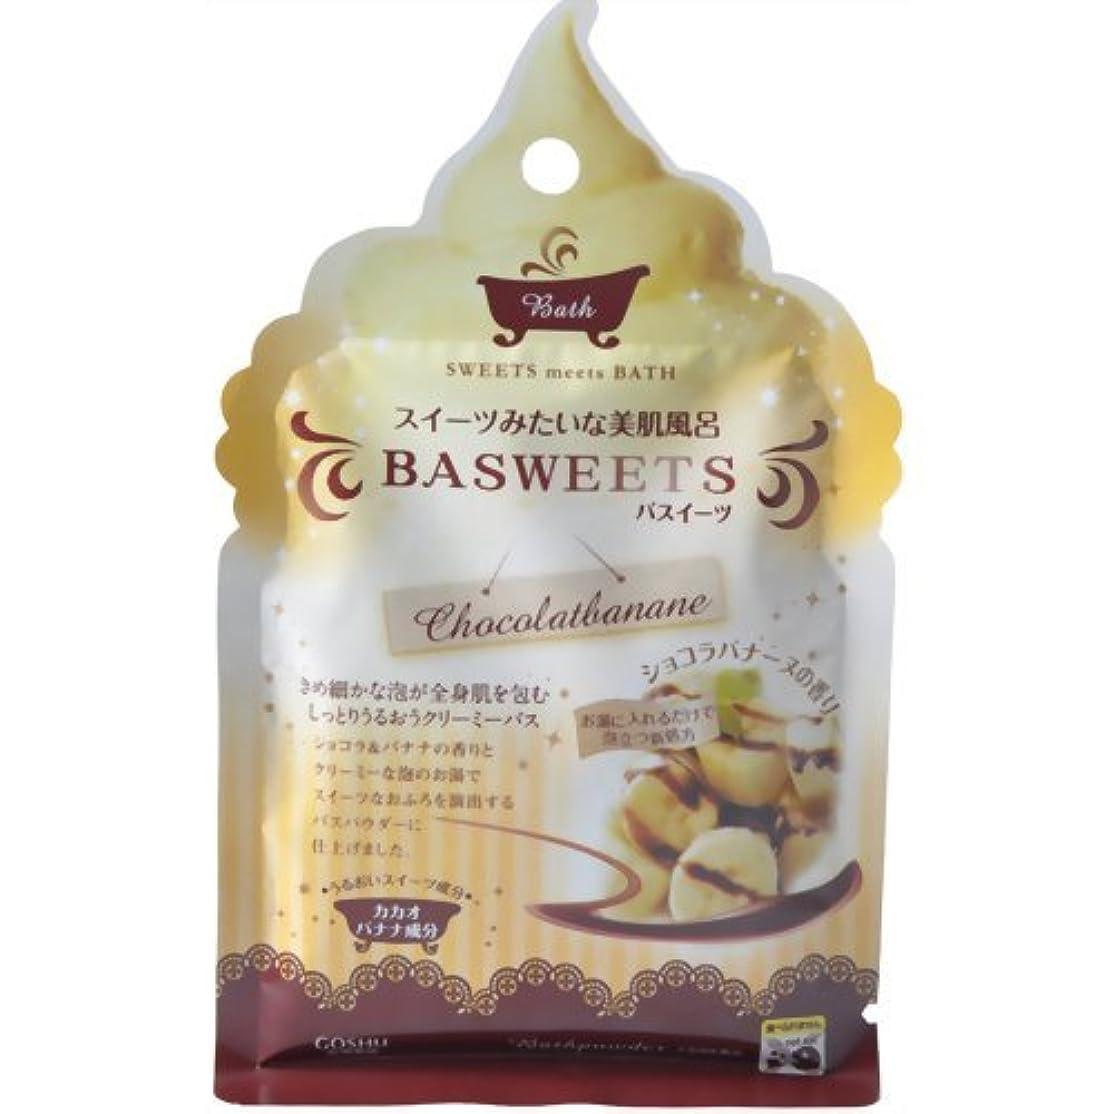 移行写真の極めて重要なバスイーツ ショコラバナーヌの香り 50g(入浴剤)